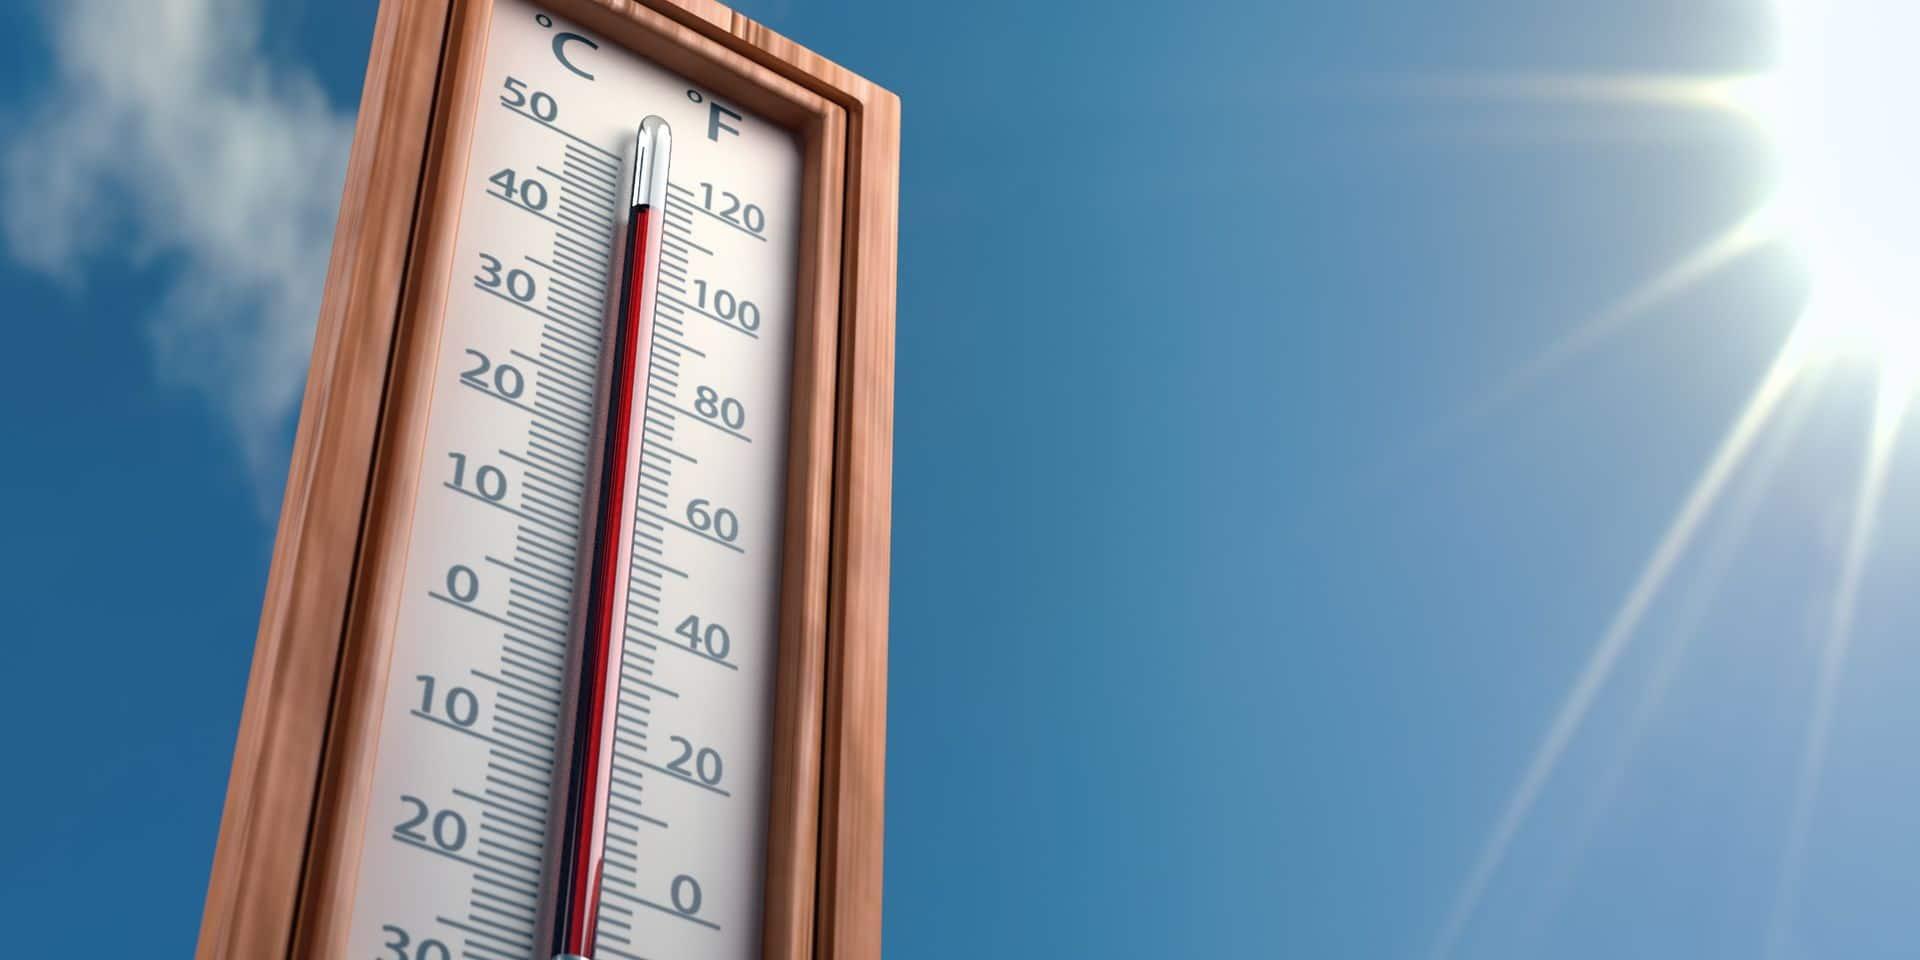 Le record mondial de température terrestre battu : 80,8°C ont été enregistrés